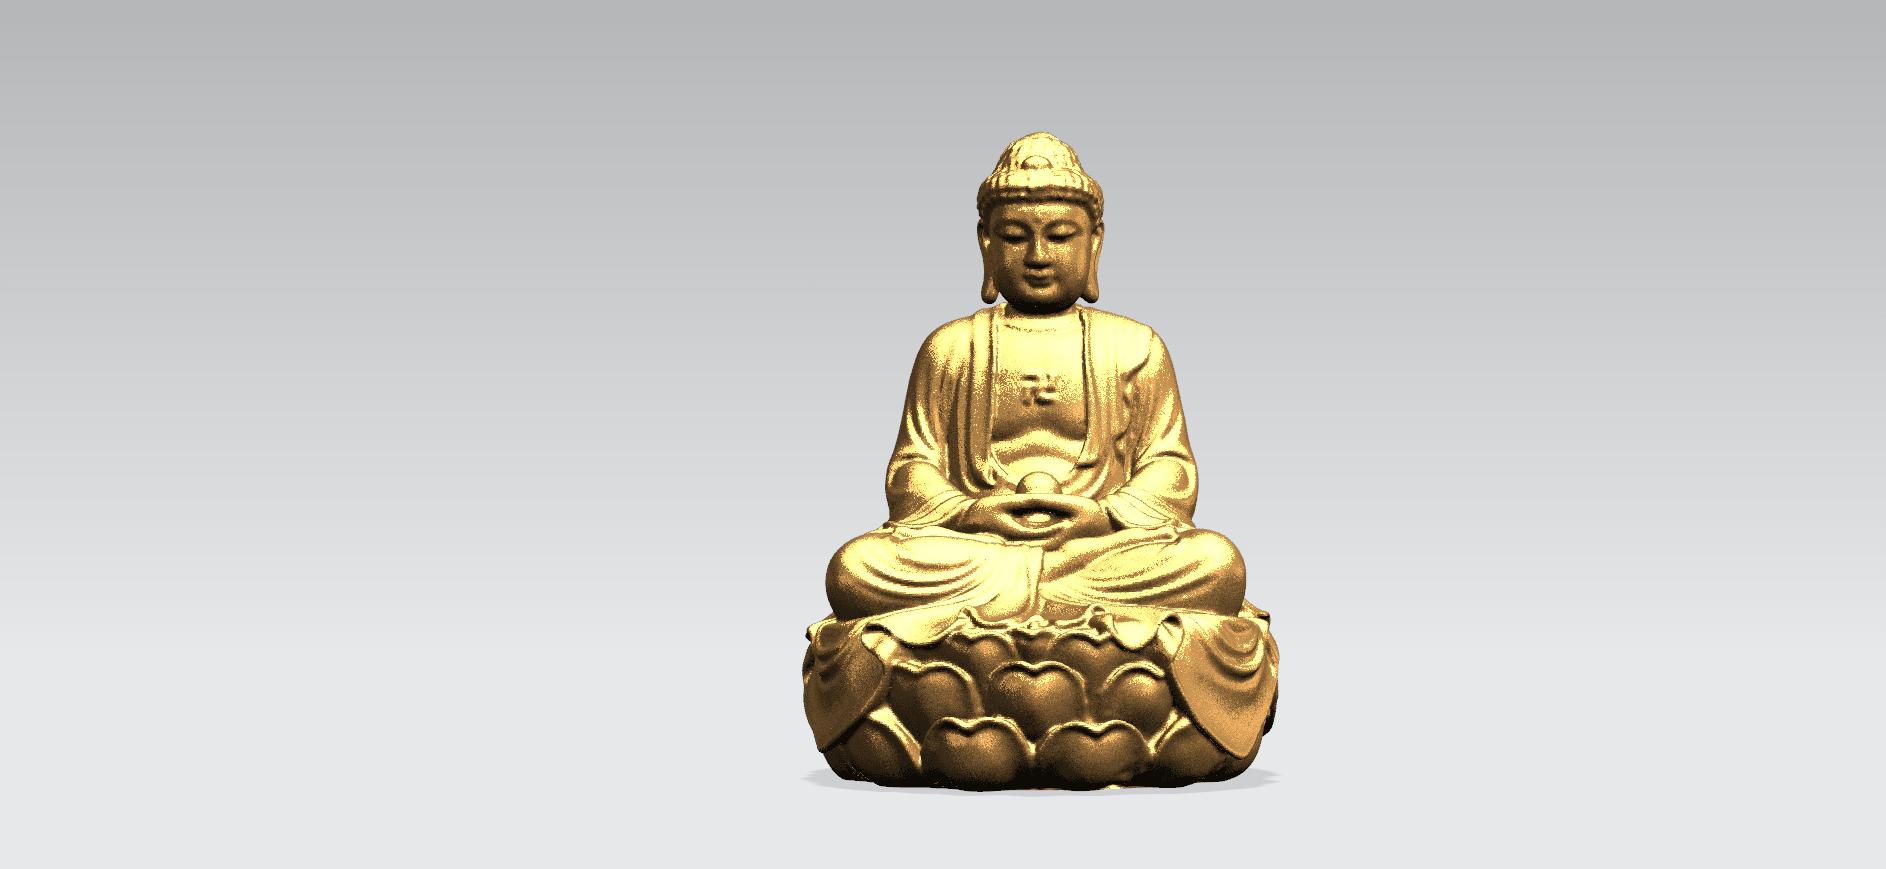 Gautama Buddha -B01.png Télécharger fichier STL gratuit Gautama Bouddha 01 • Plan pour impression 3D, GeorgesNikkei